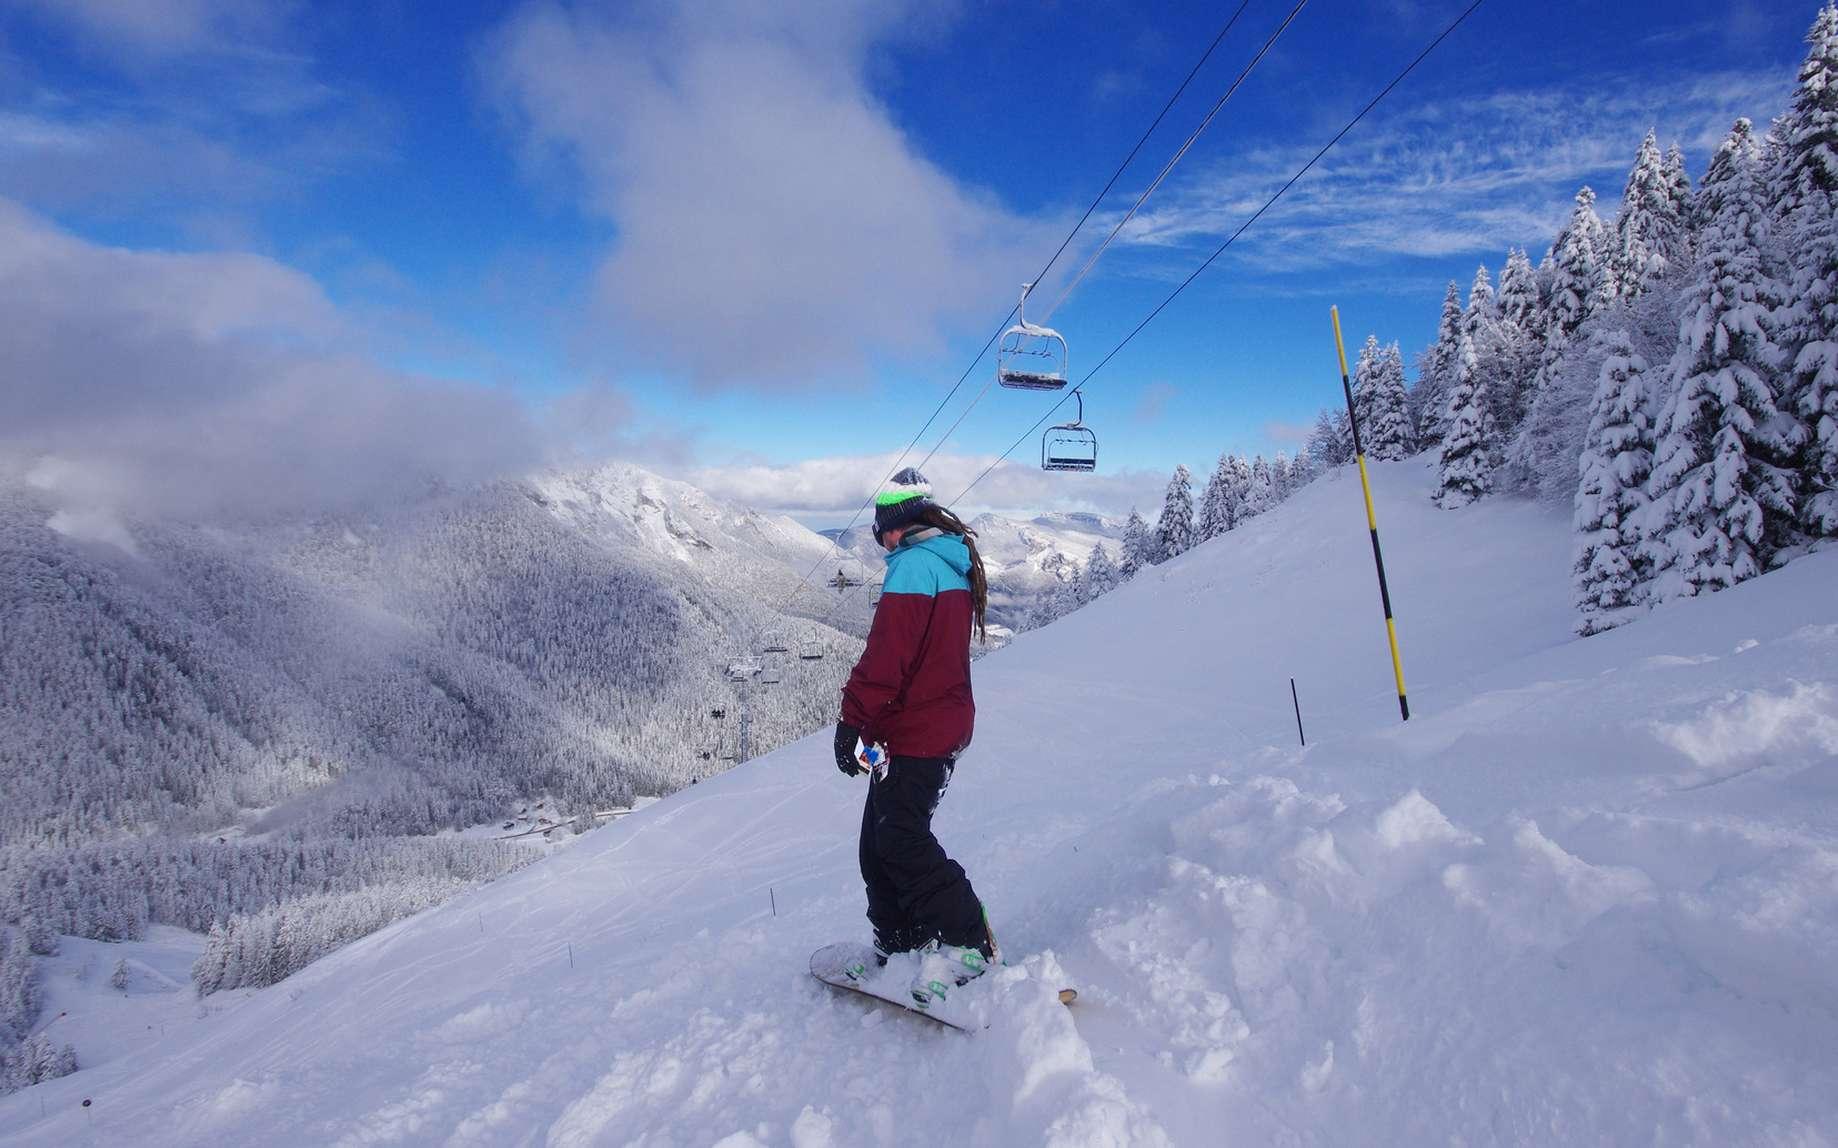 Des stations de ski dans le Massif central proposent la gamme complète des activités de sports d'hiver aux visiteurs. © minicel73, fotolia